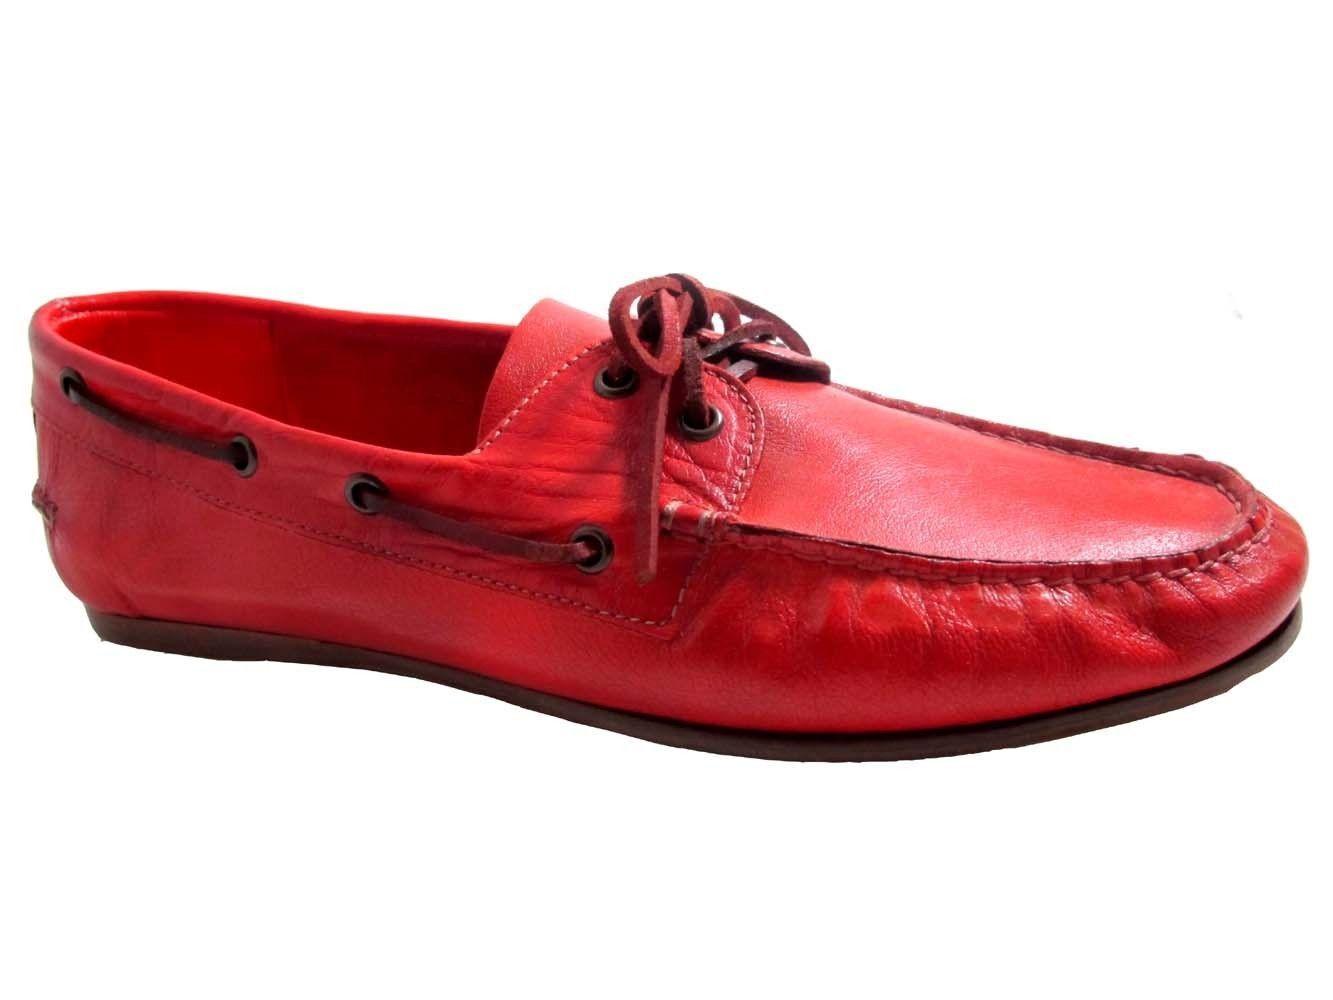 consegna lampo Davinci Uomo Slip-On Driving Moc Moc Moc M3003 Made By Boemos, Tan, Red  buona qualità